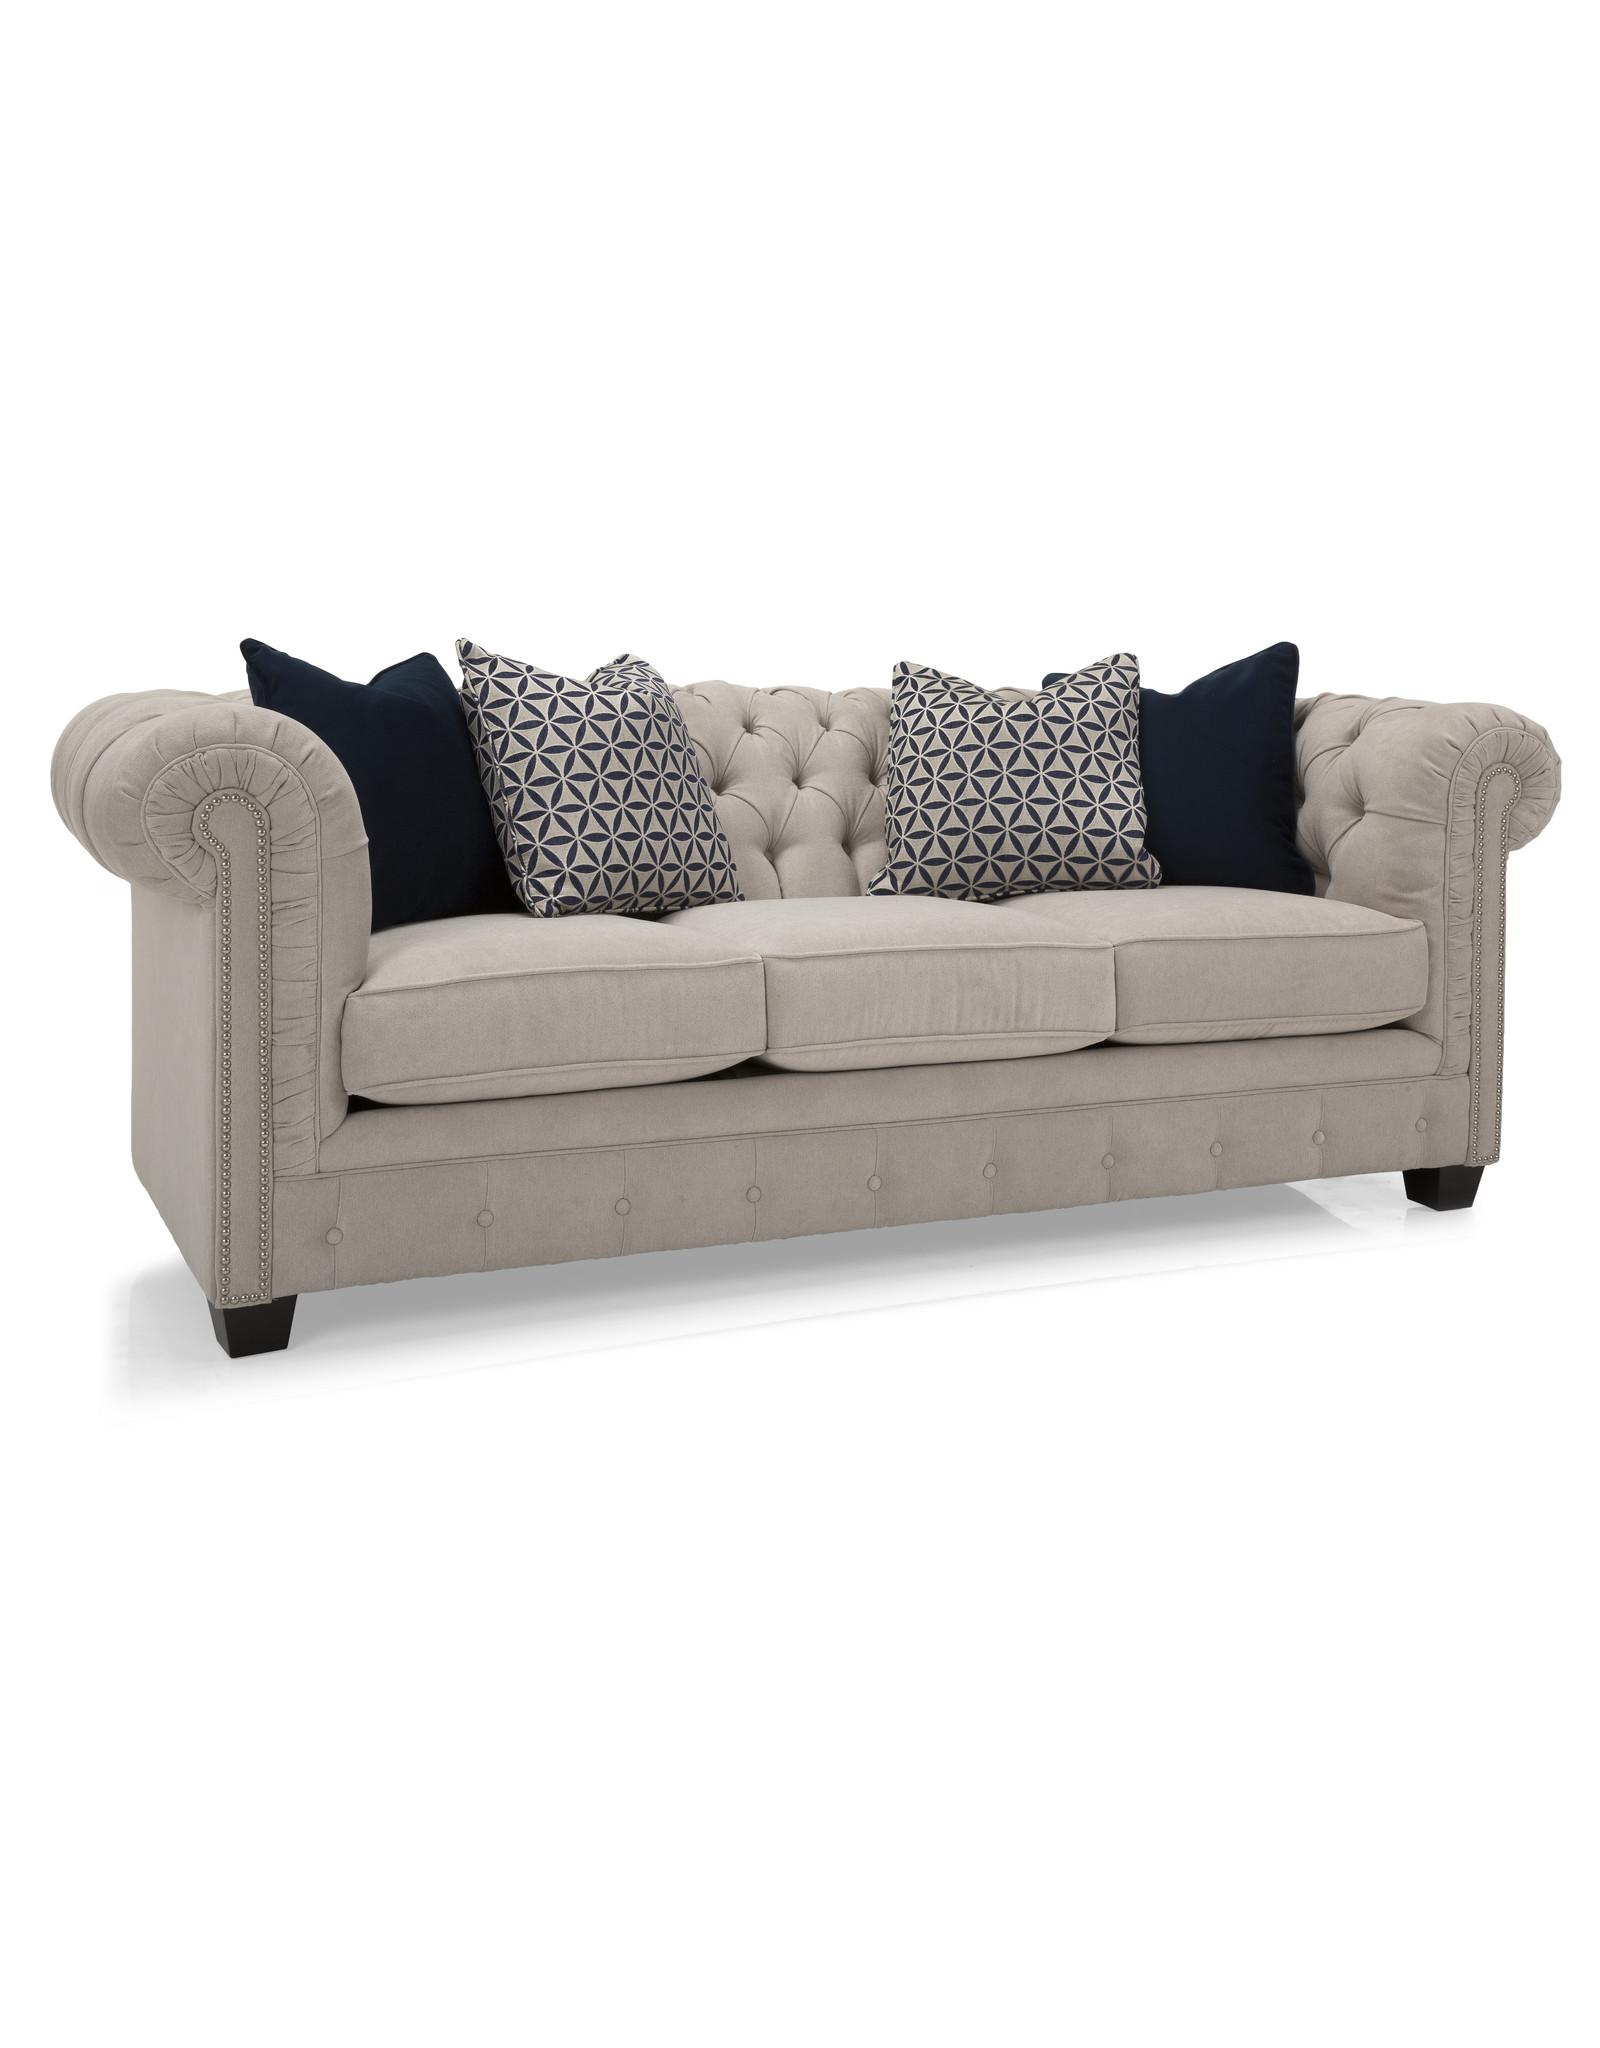 TCE 2230 Sofa